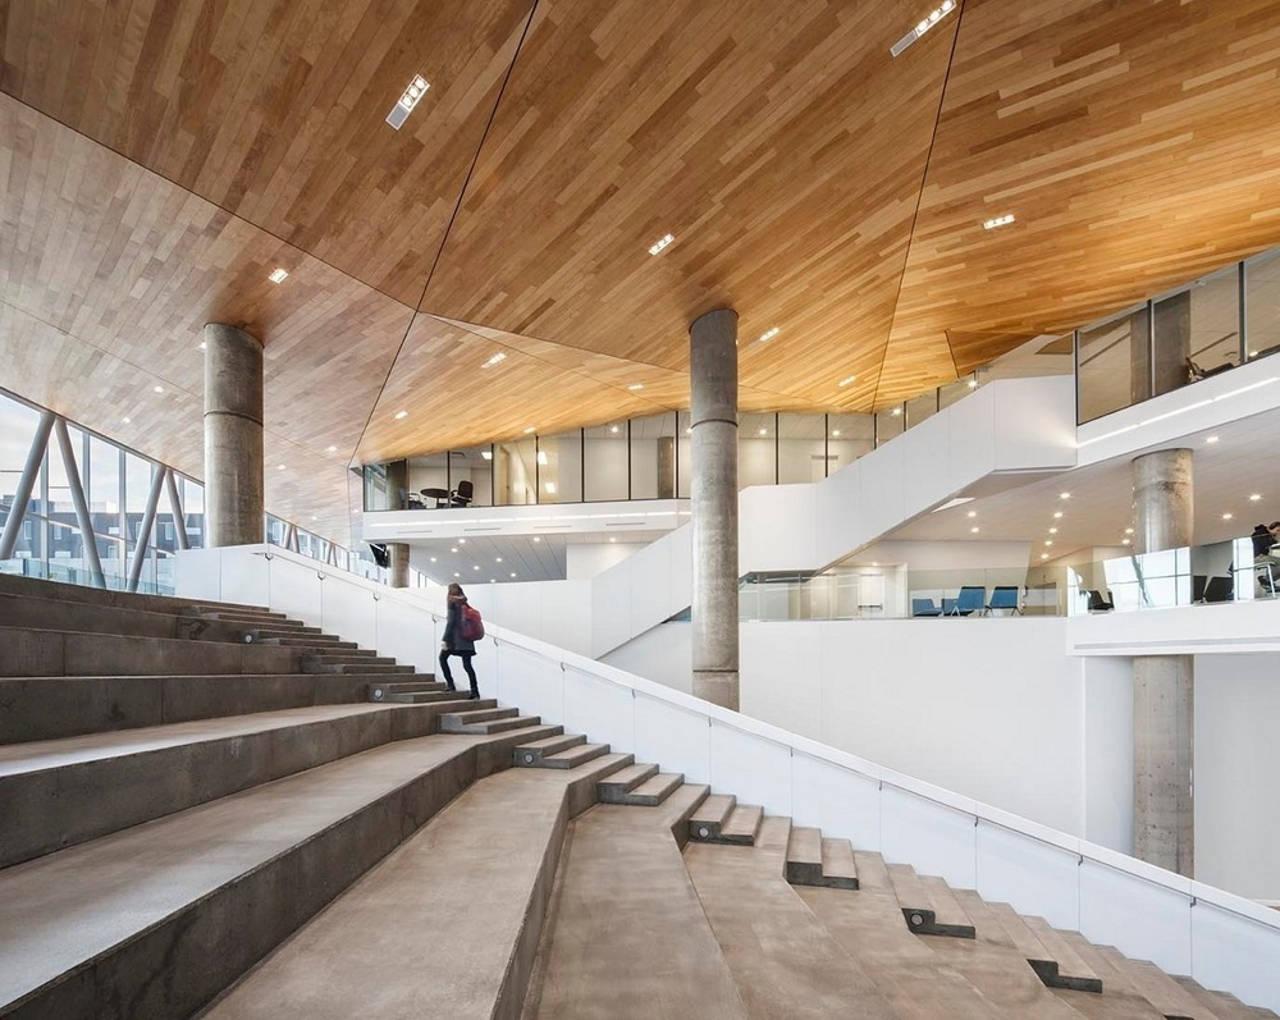 École de technologie supérieure (ÉTS) Montréal by Menkès Shooner Dagenais LeTourneux Architectes : Photo © Stéphane Brugger